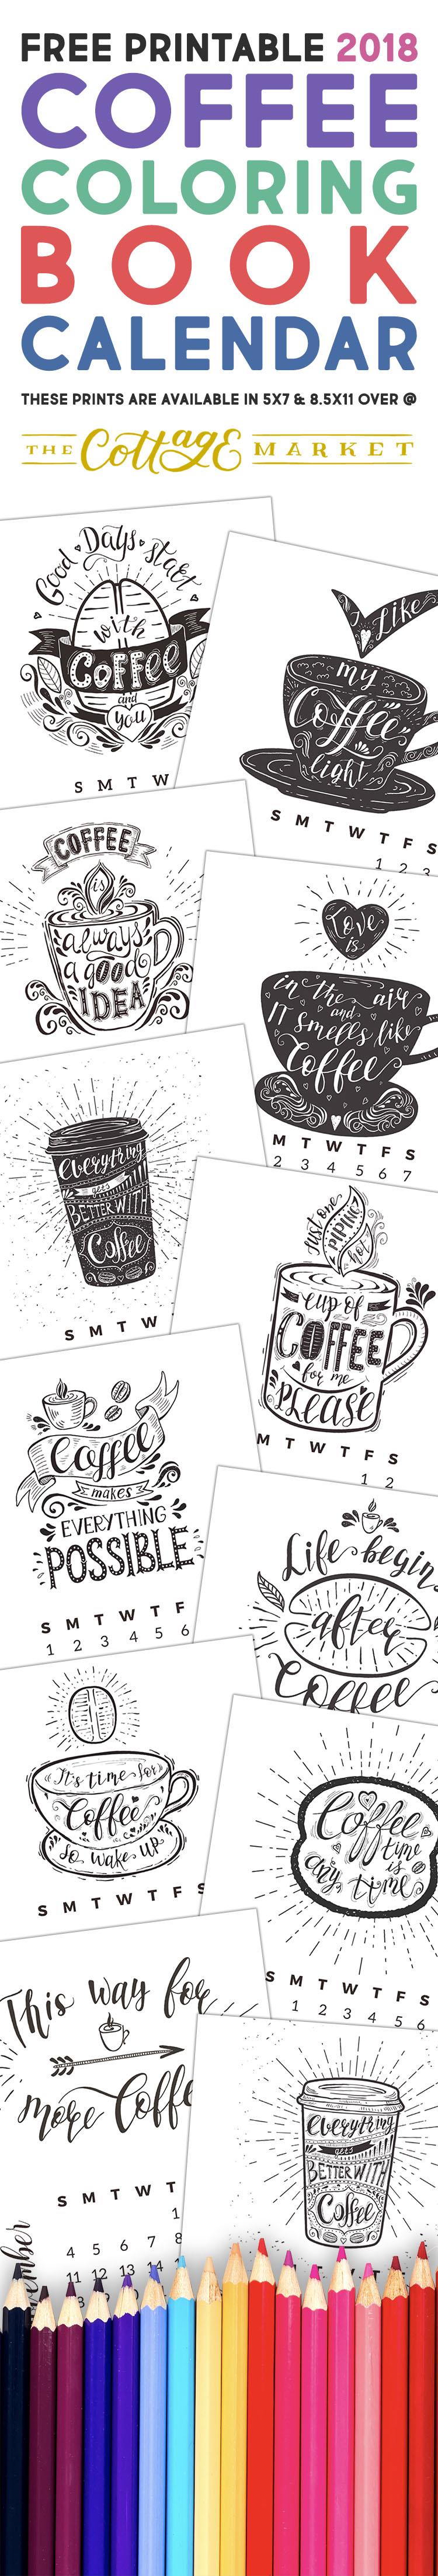 Calendar Book Printable : Free printable coffee coloring book calendar the